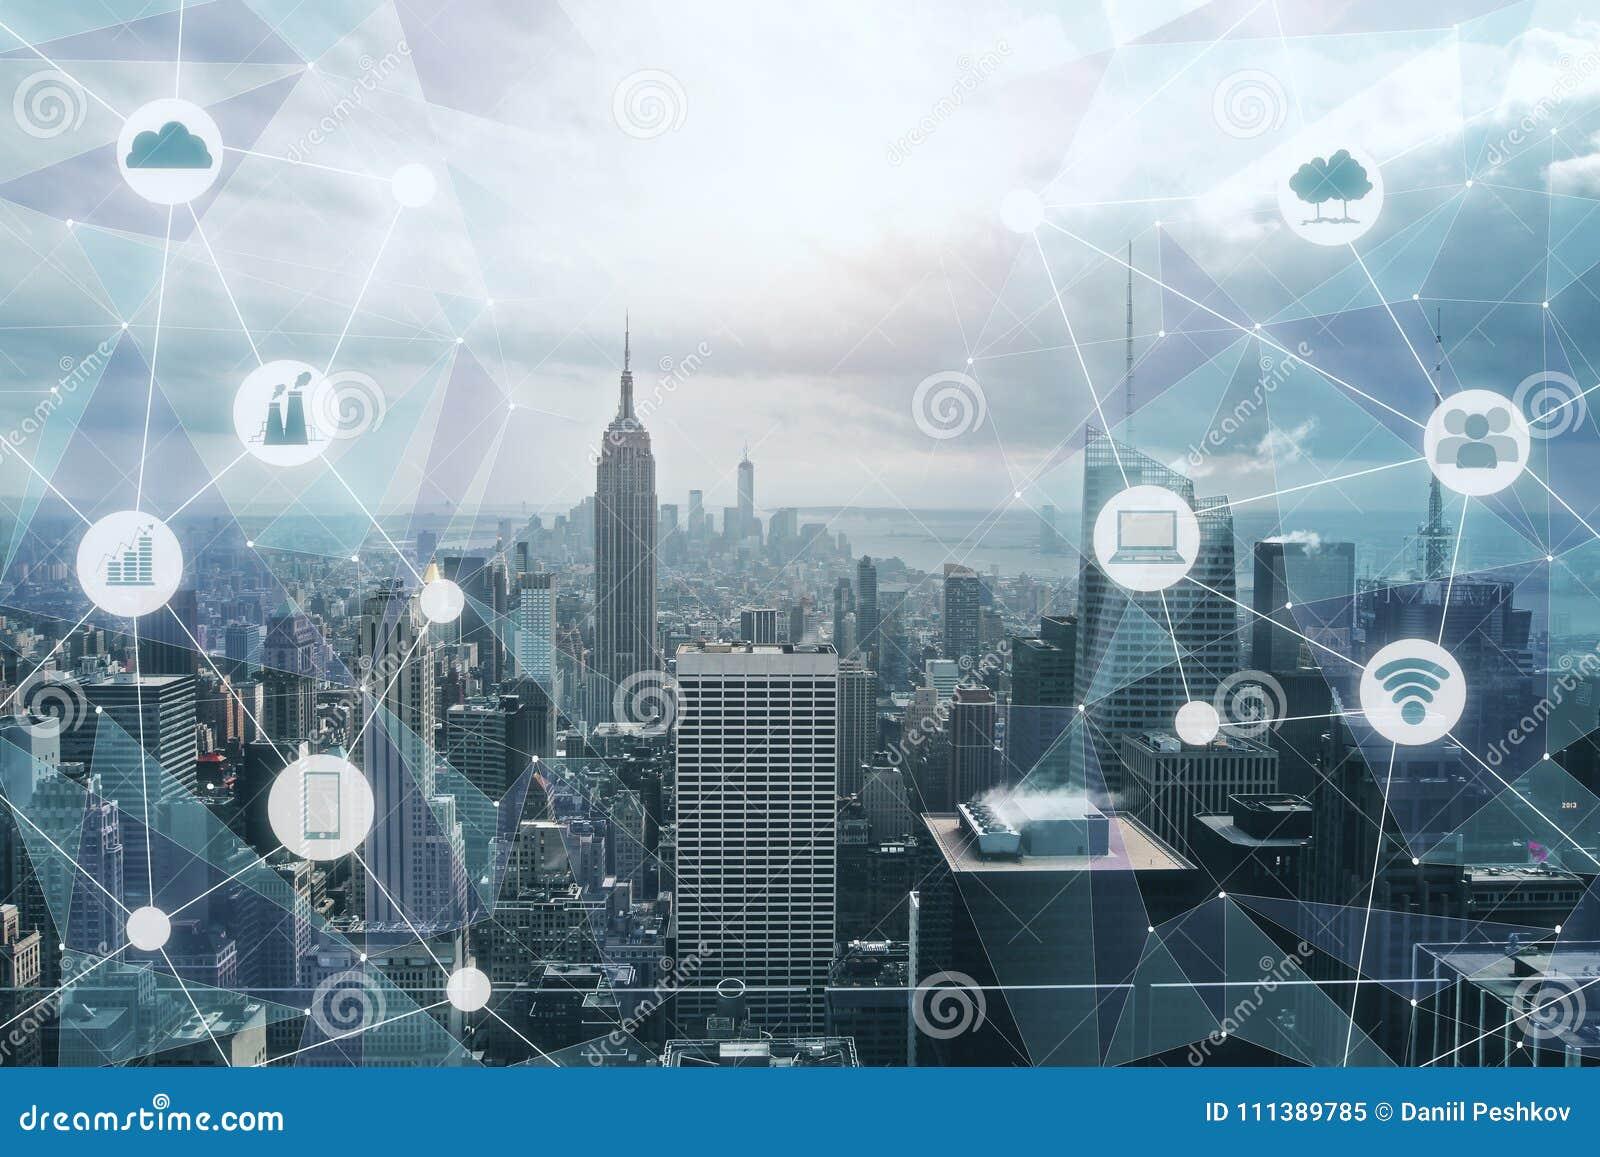 Modern tech city backdrop